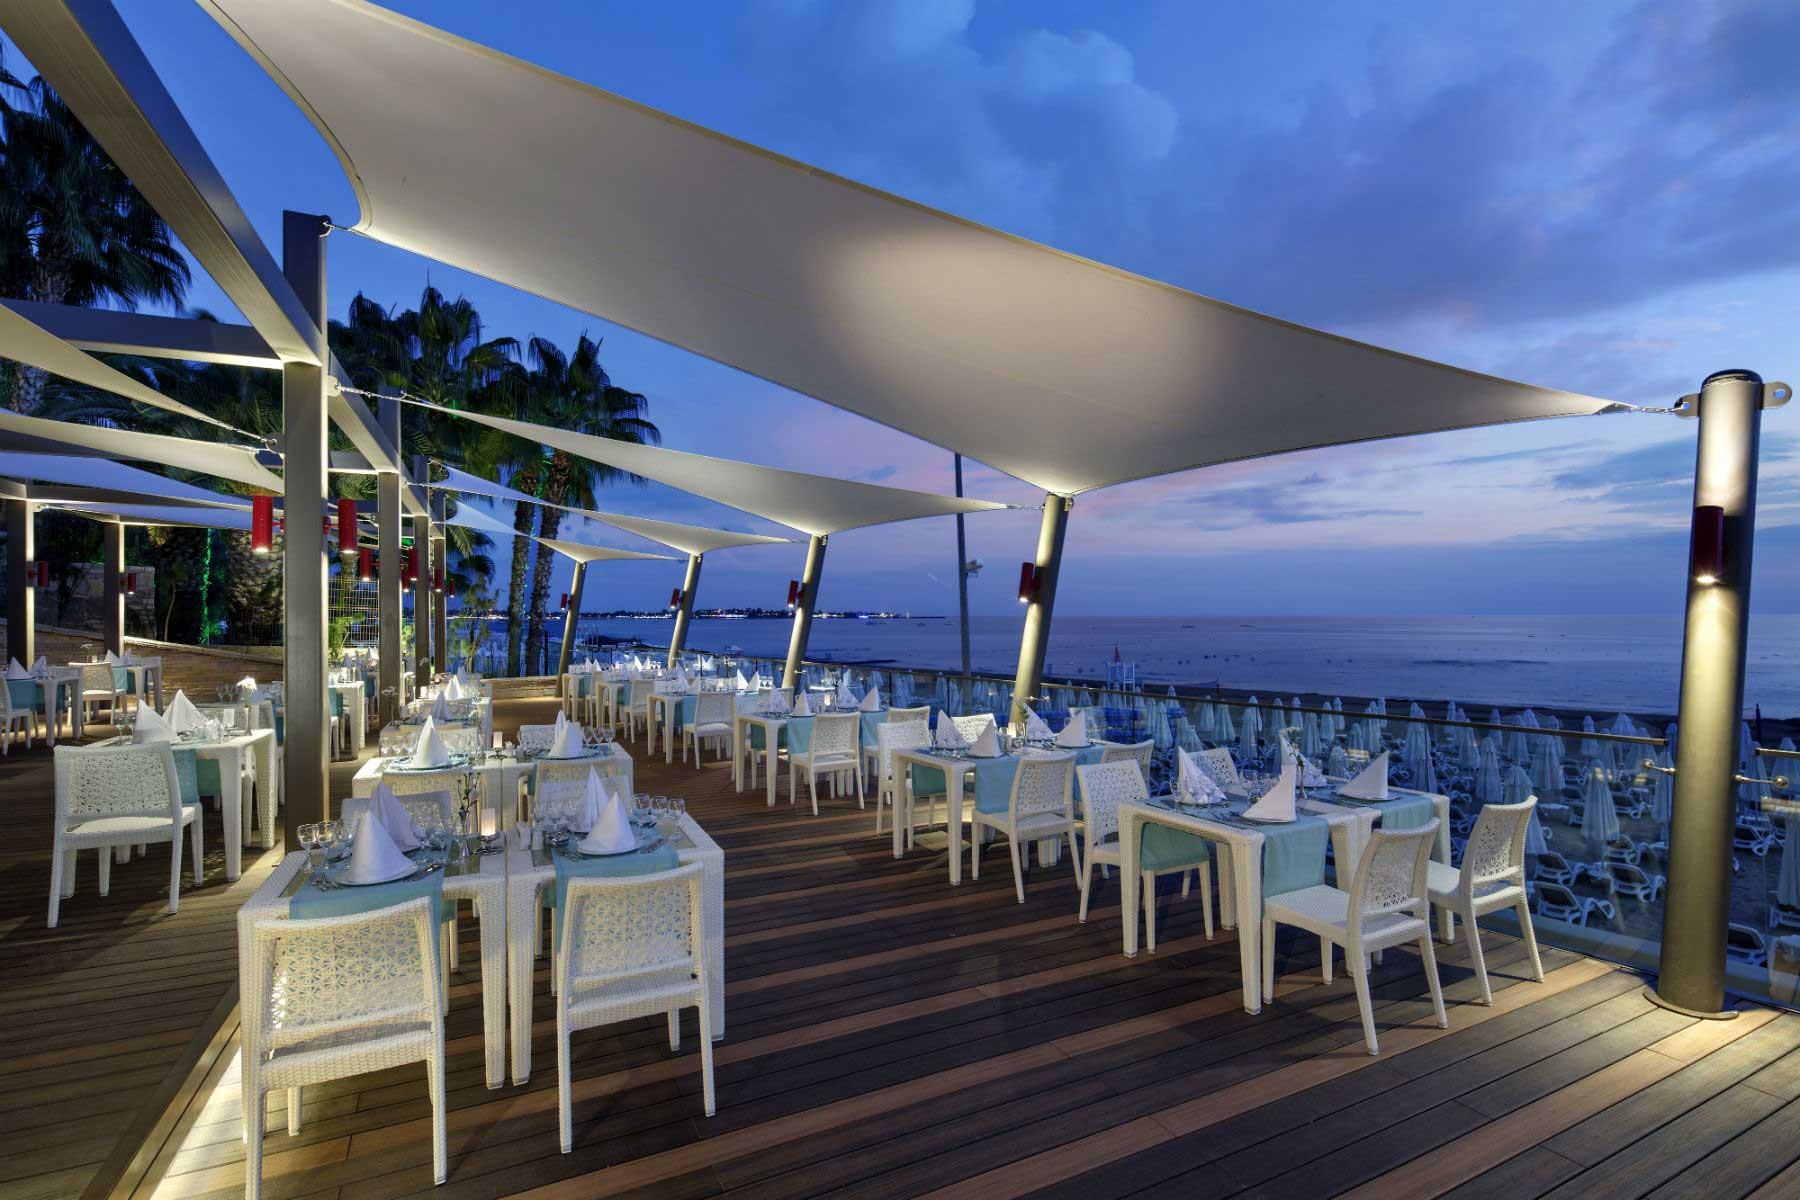 The Sense De Luxe beach bar